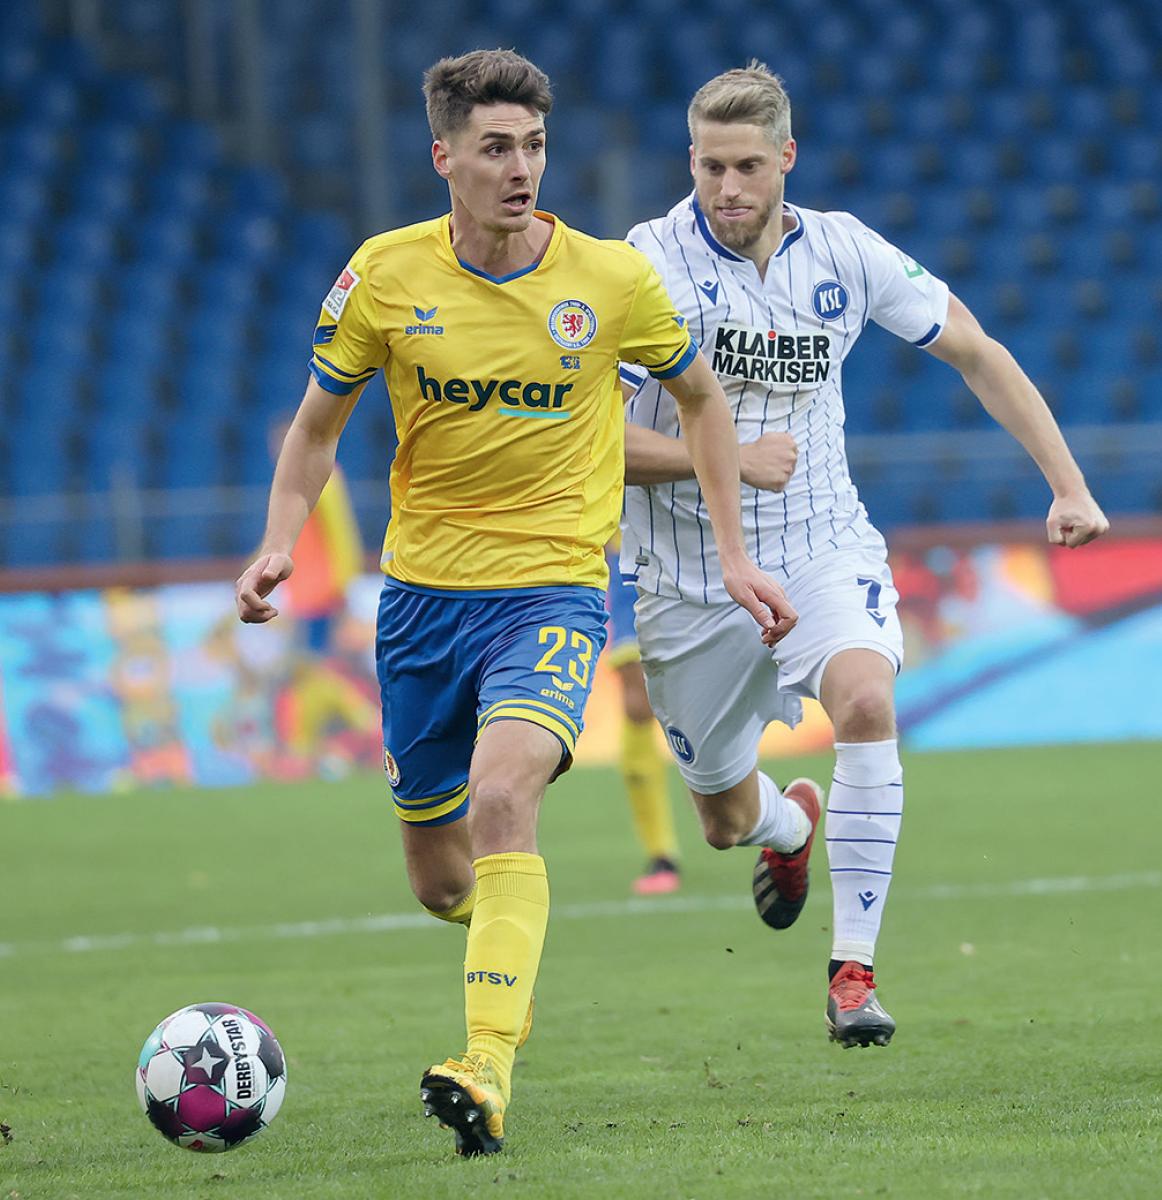 Danilo Wiebe beim Spiel Braunschweig gegen Karlsruhe